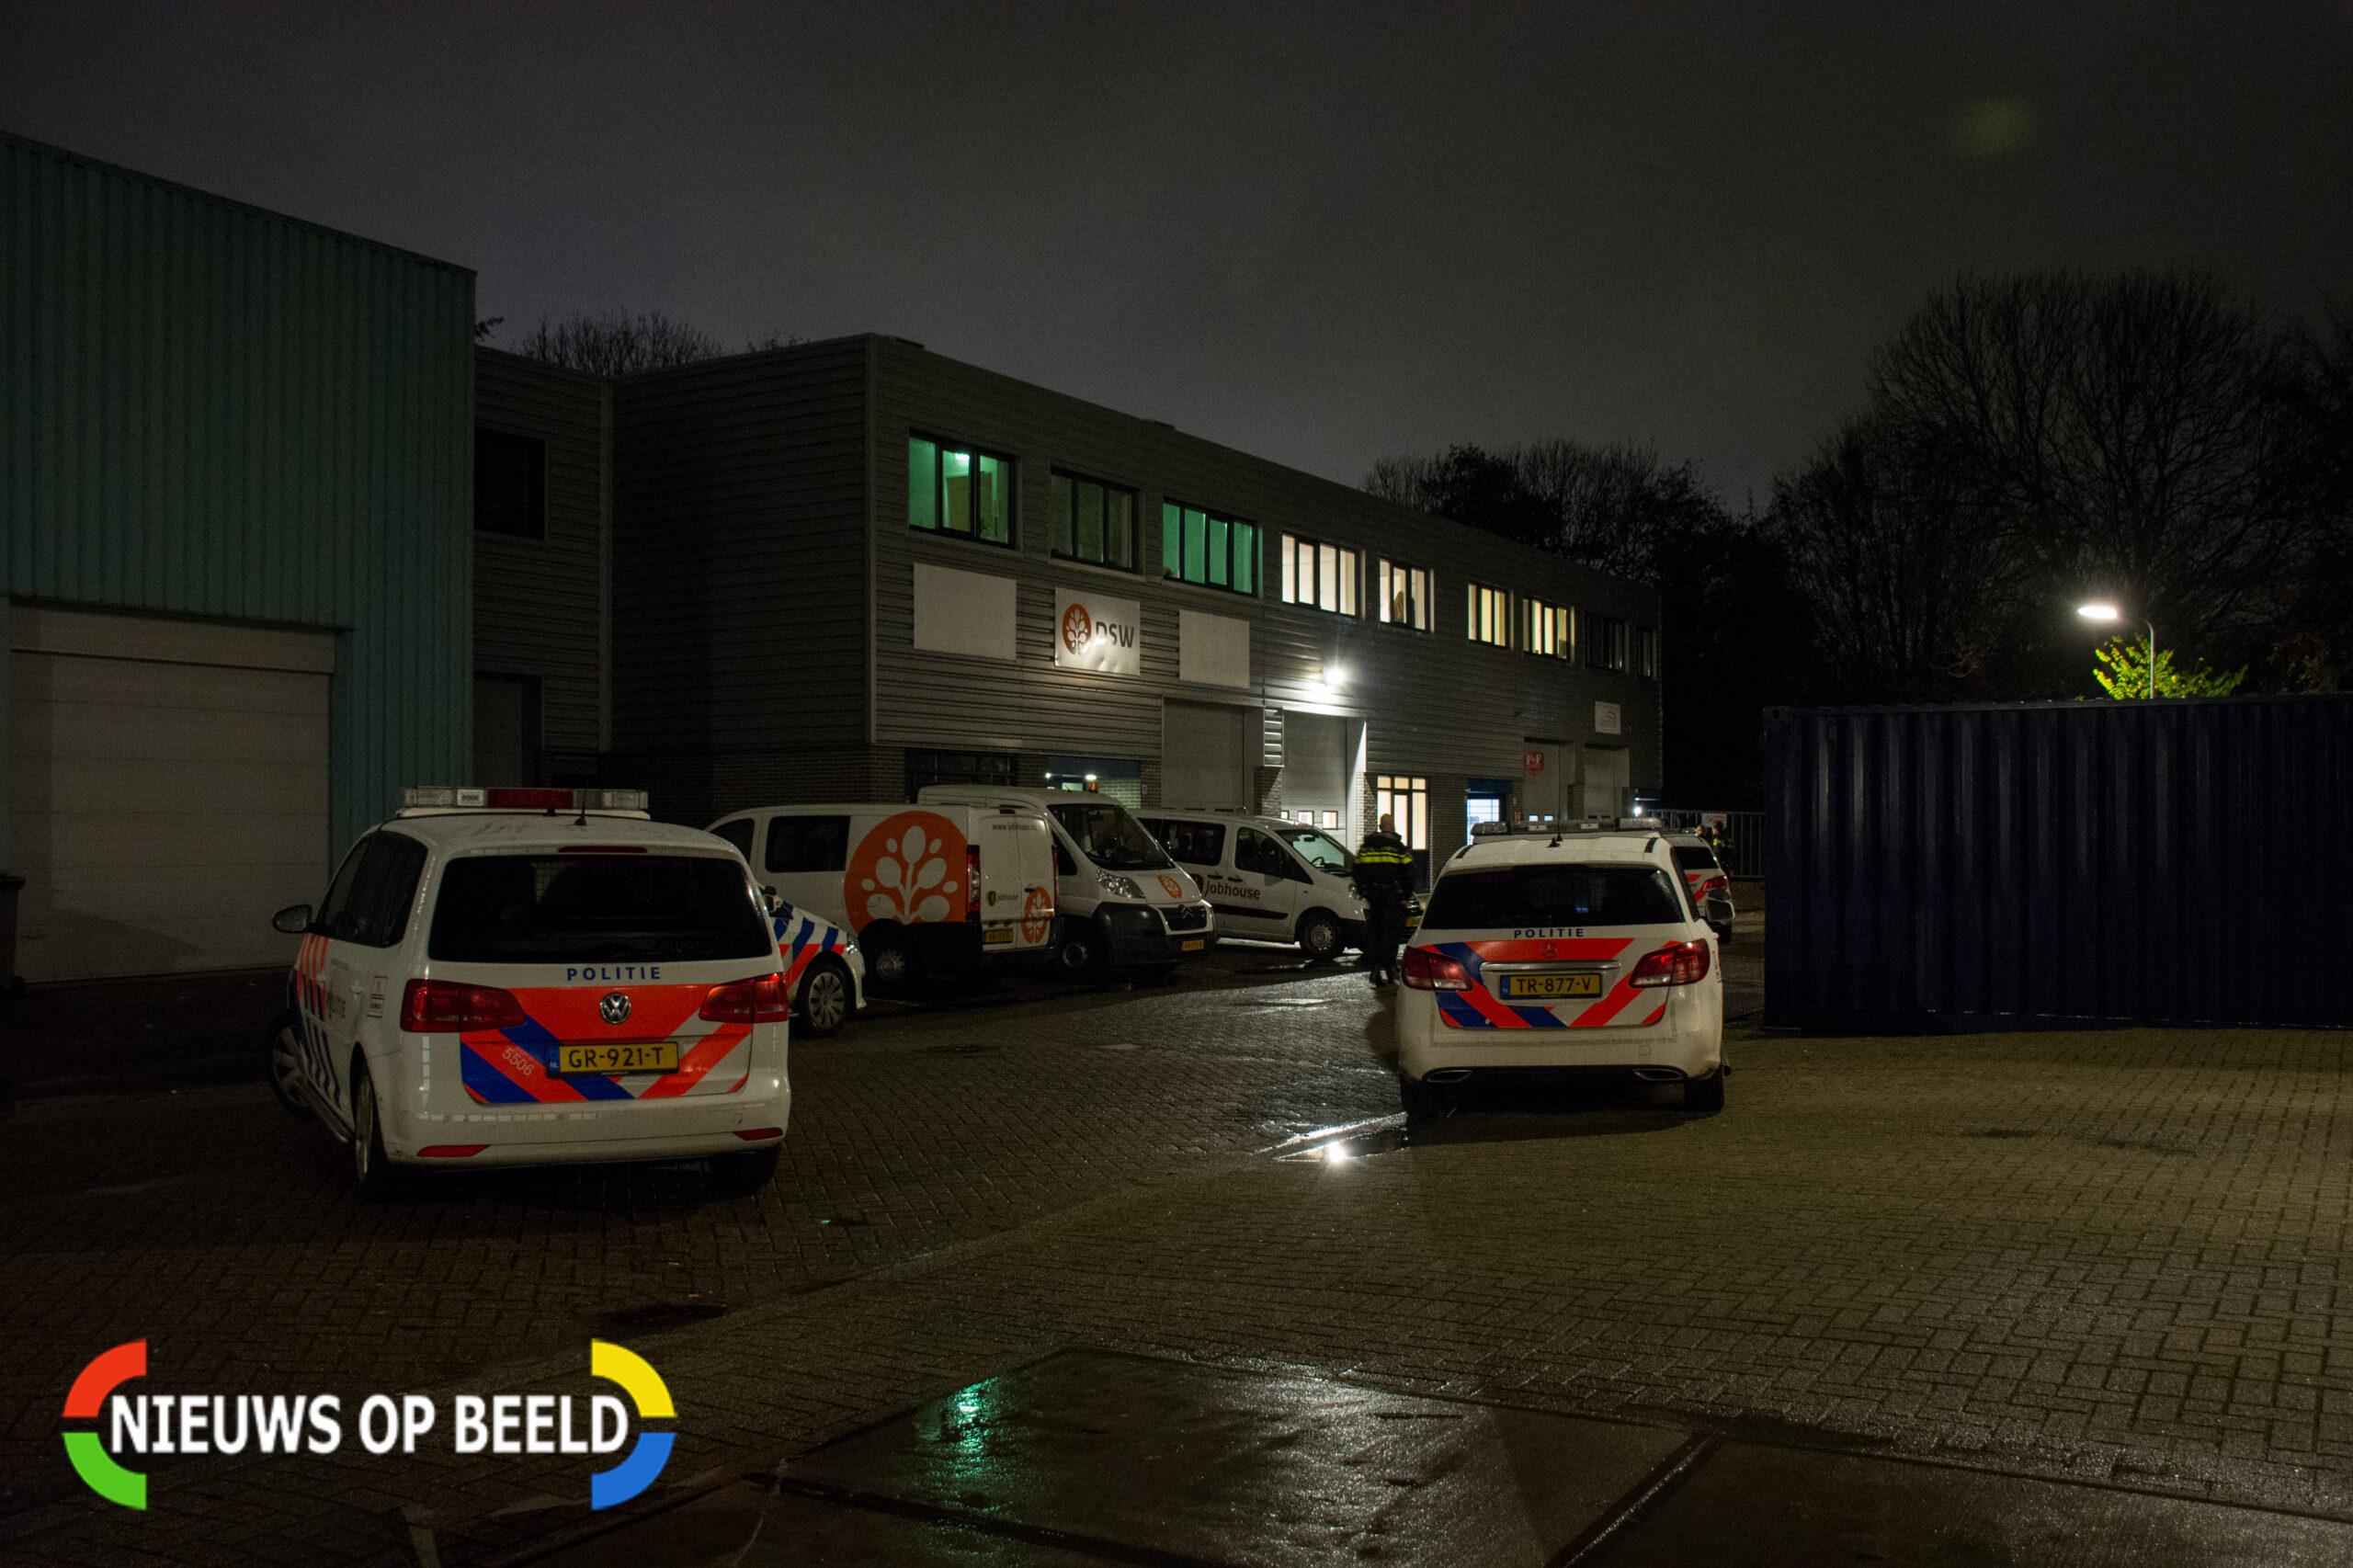 Schietincident op bedrijventerrein in Voorburg